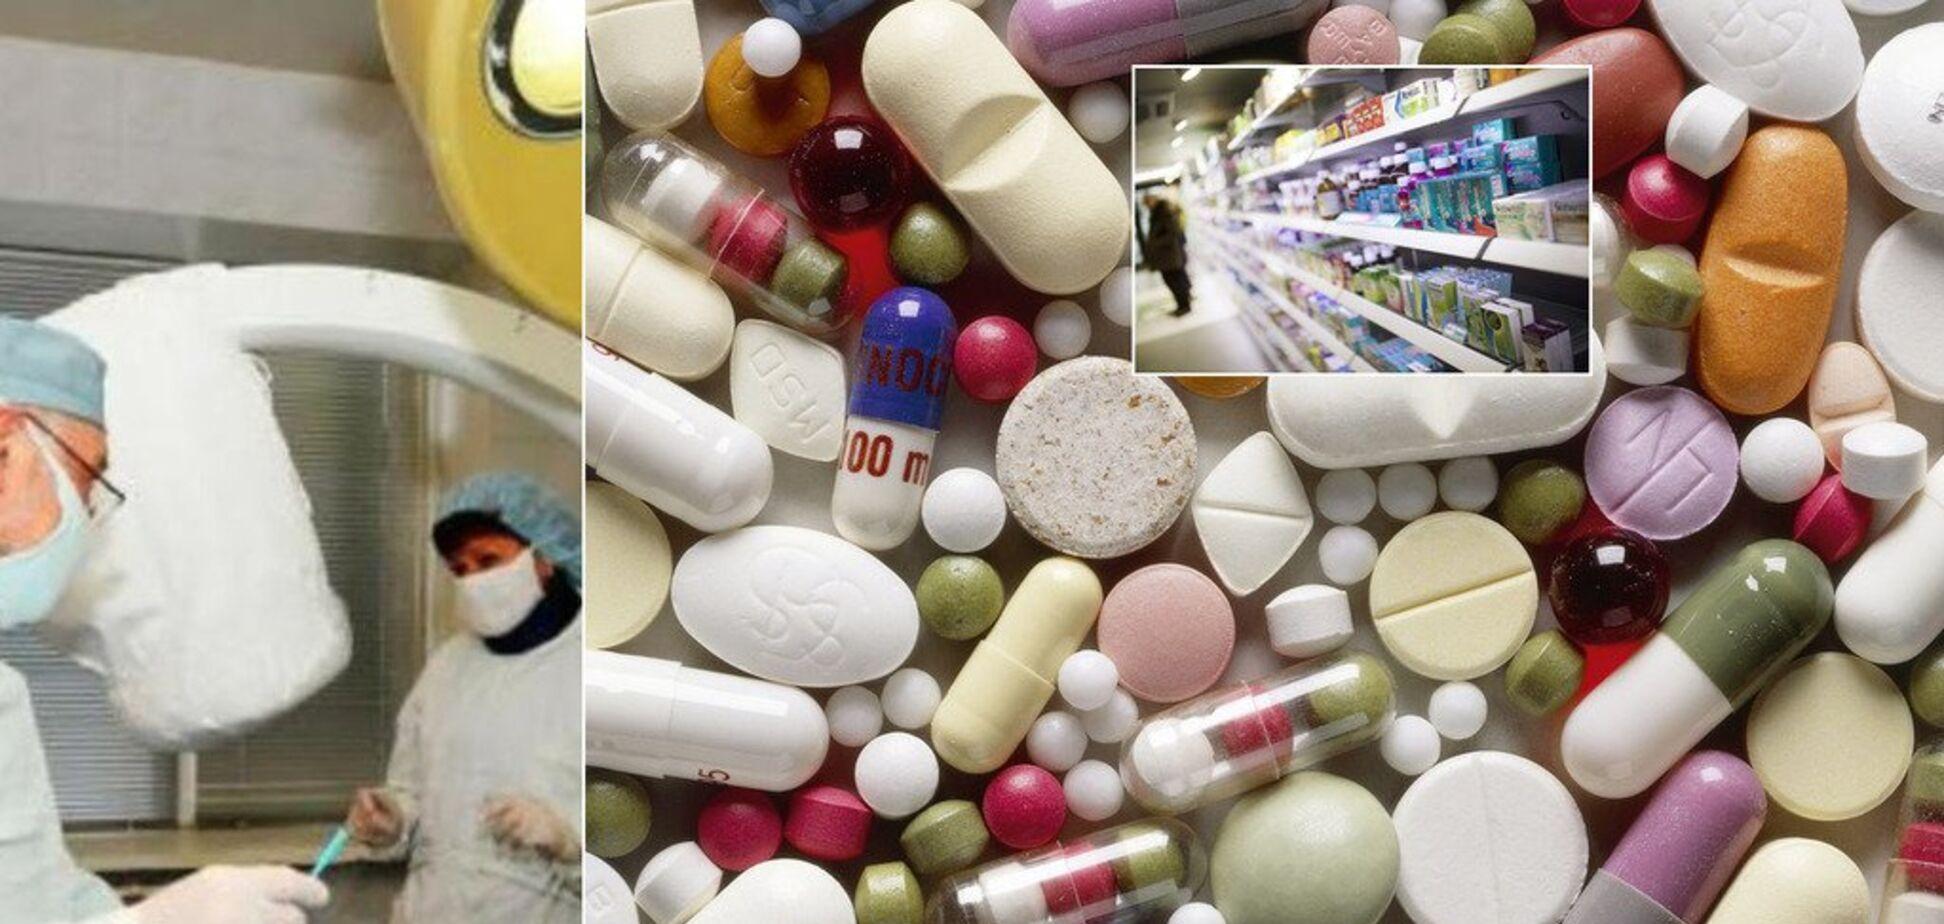 Лекарства и рецепты: через несколько недель украинцев ждут глобальные перемены